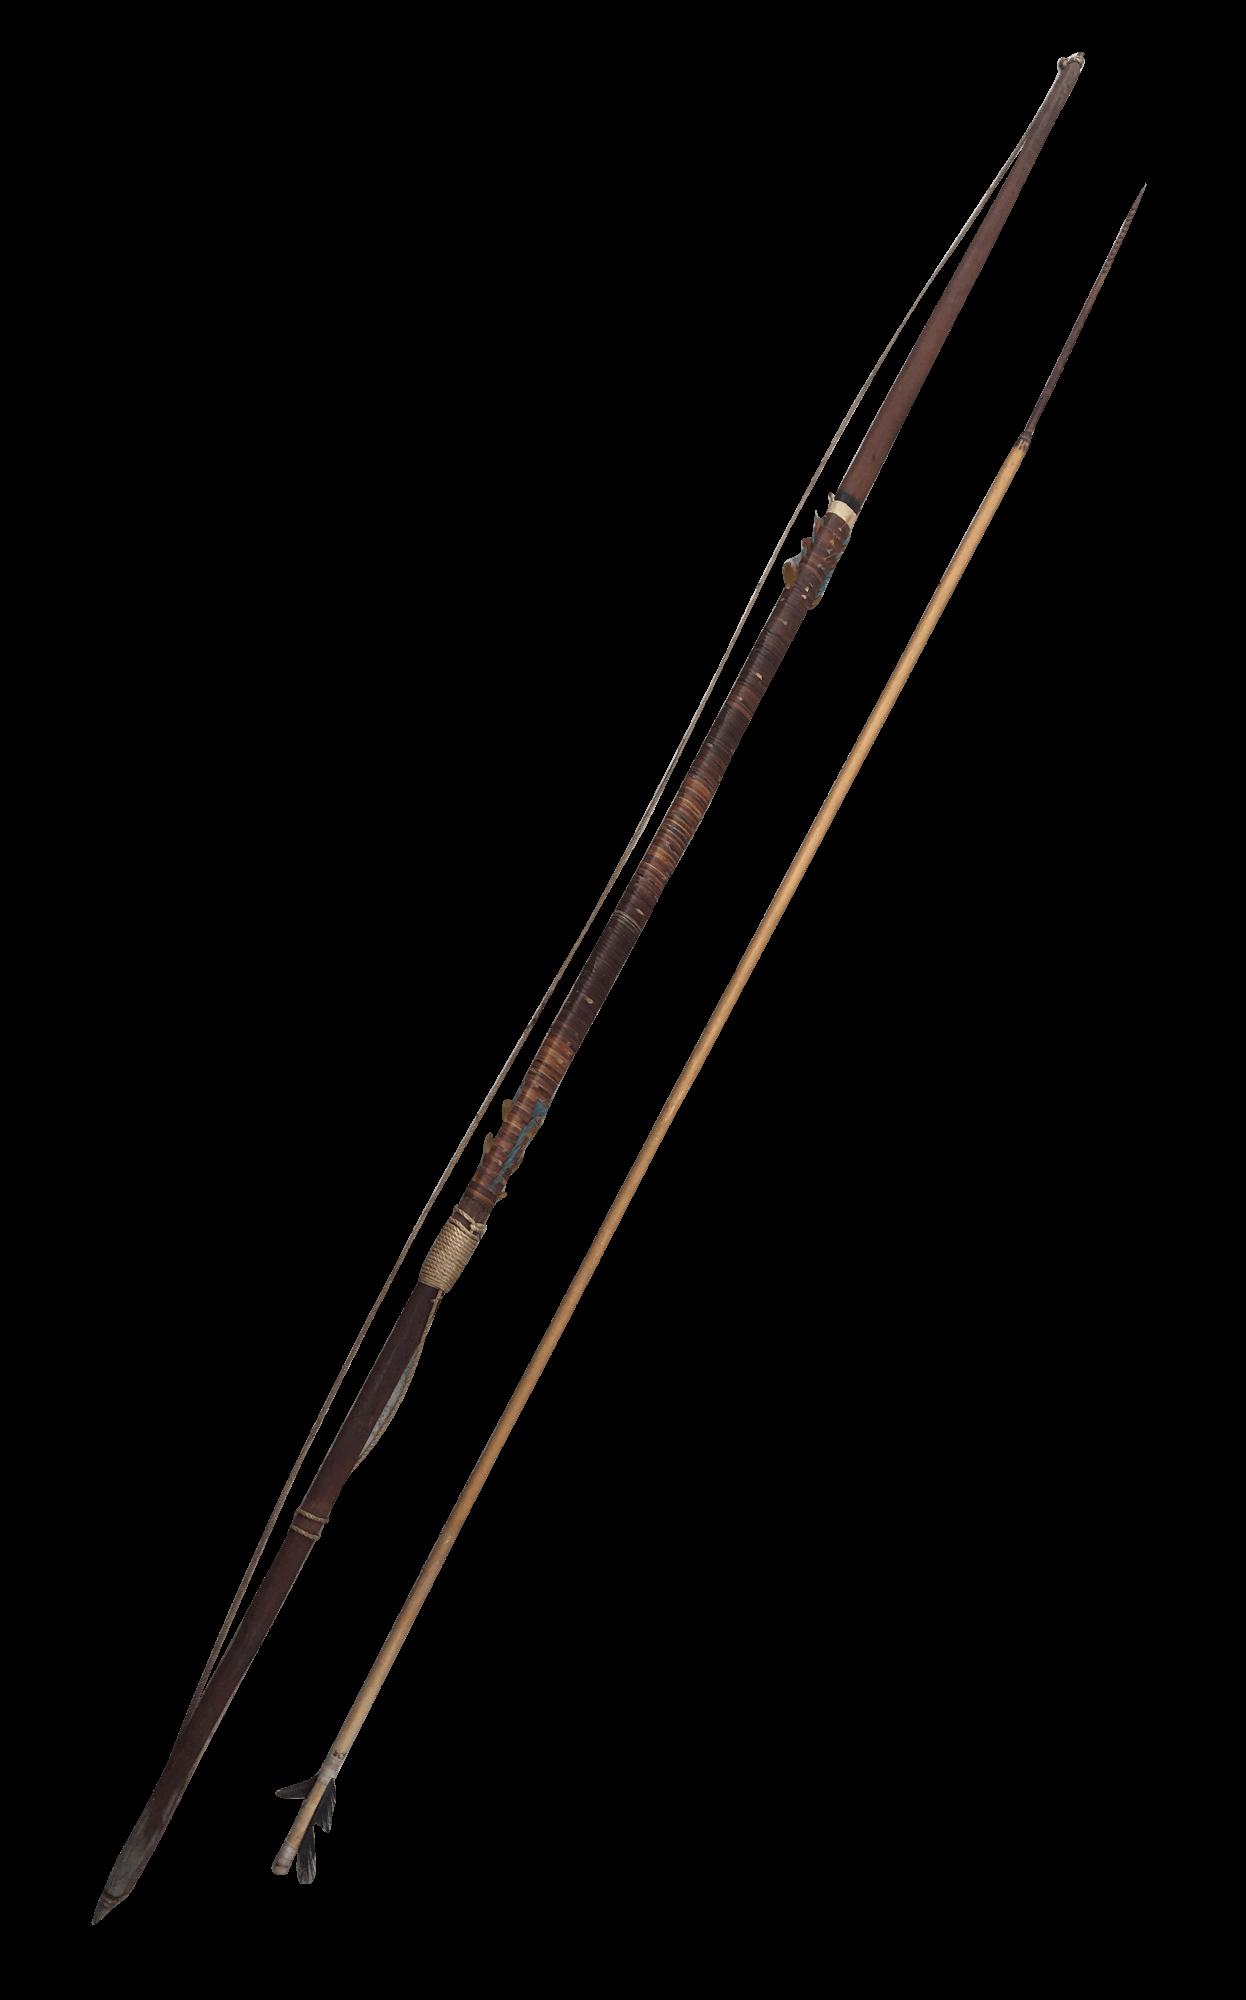 Peça Indigena Antigo Arco E Flecha Madeira 191cm